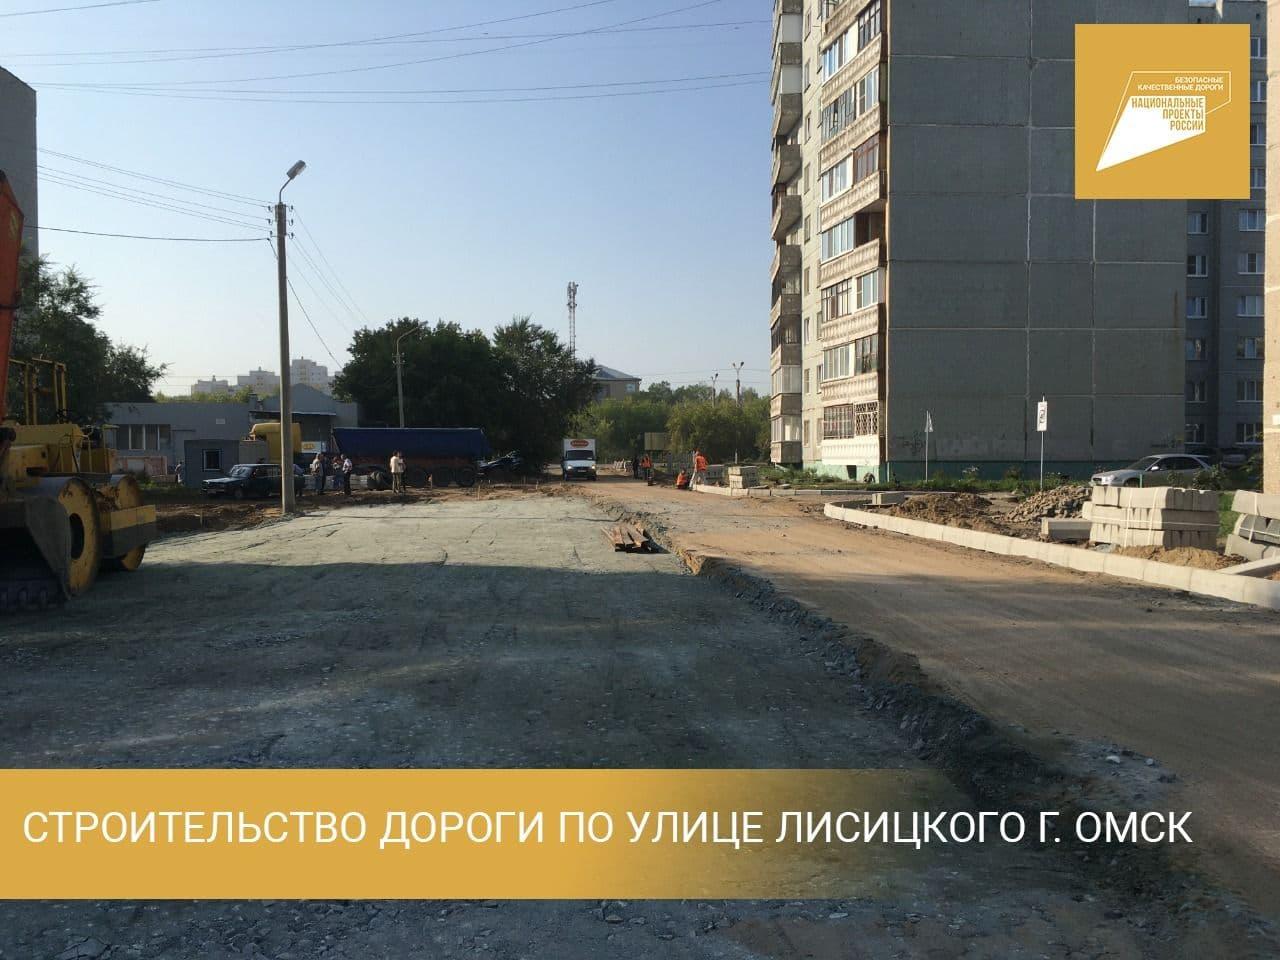 В центре Омска начали строительство новой дороги #Омск #Общество #Сегодня